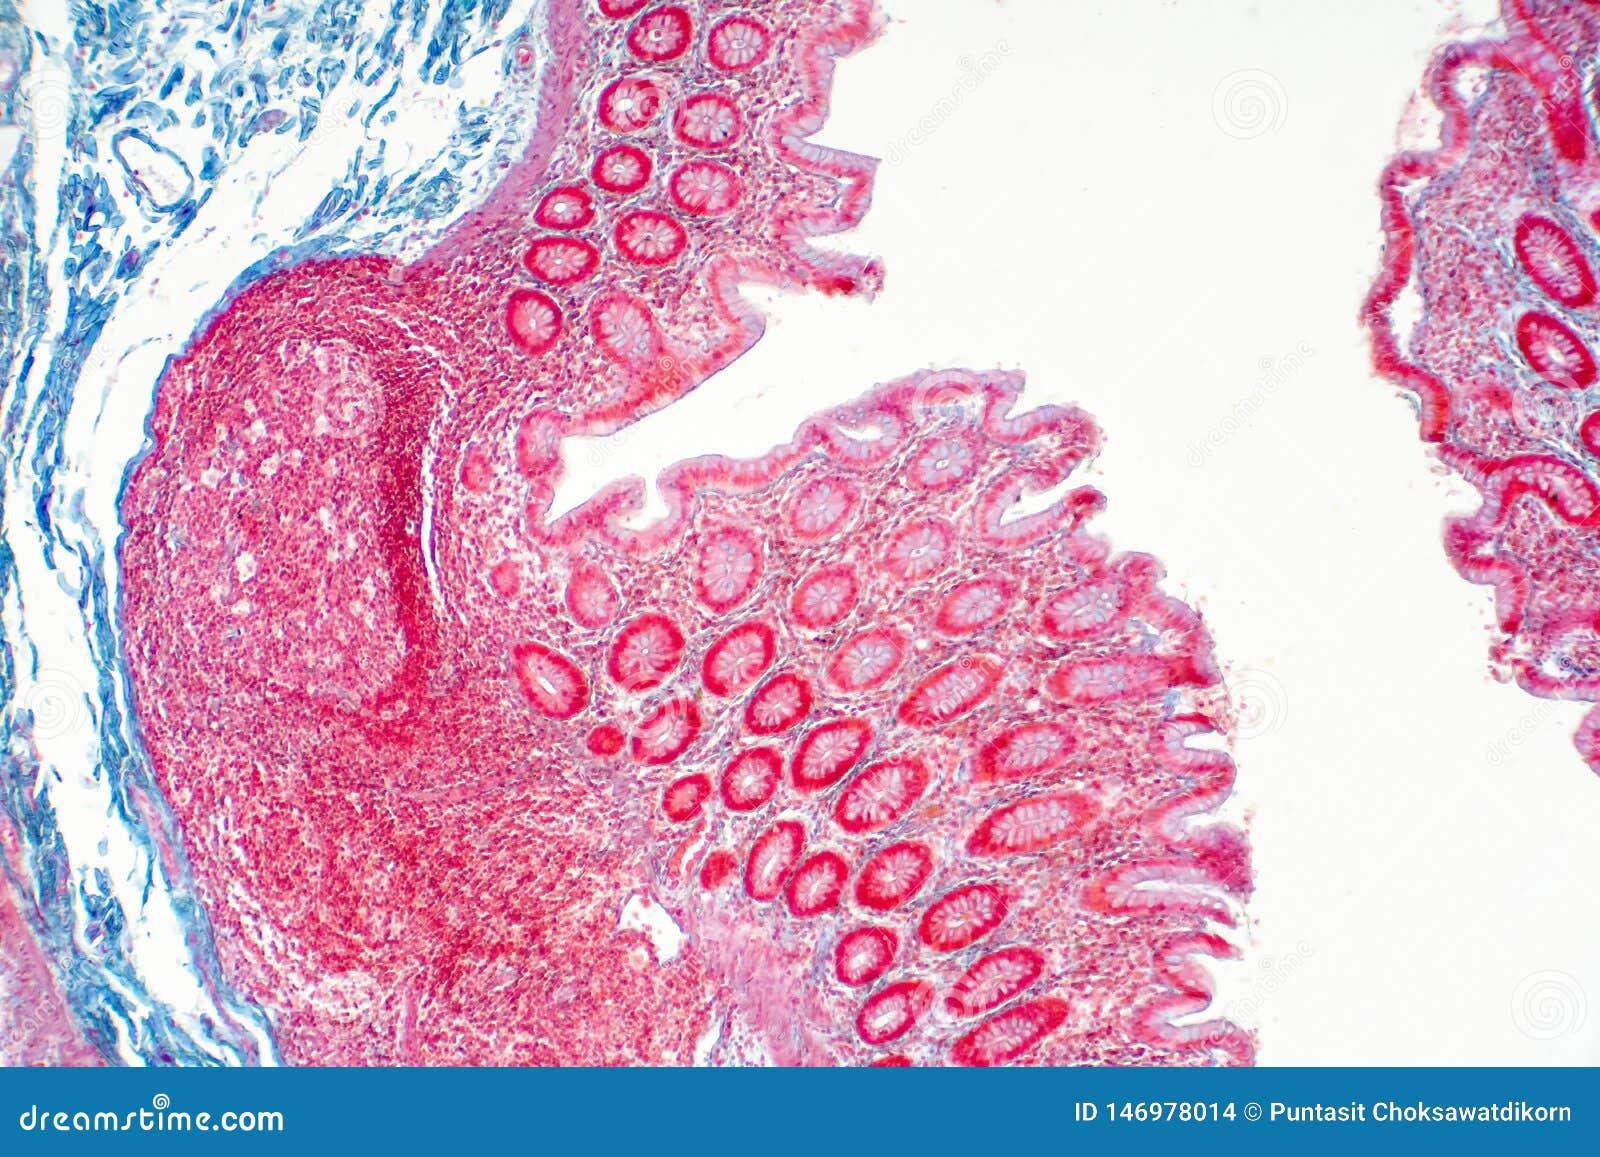 Человеческая ткань толстой кишки под взглядом микроскопа